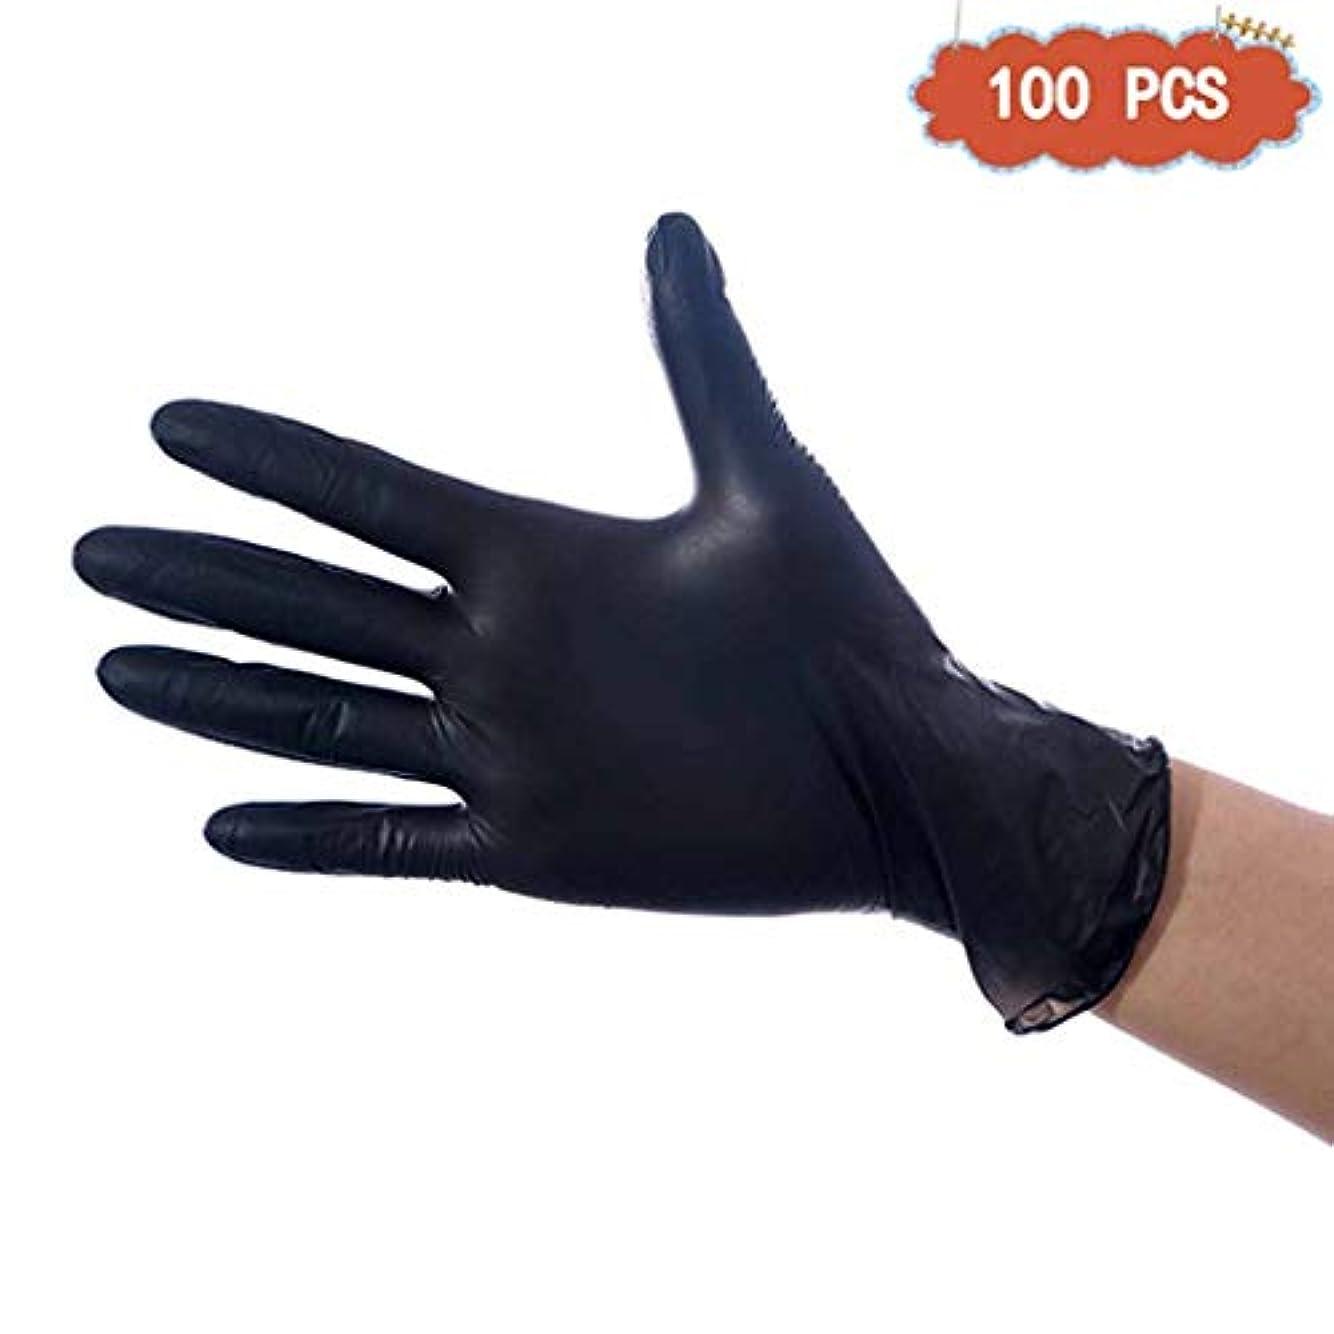 ニトリル手袋手袋9インチネイルアートブラックニトリル保護手袋キッチンシェフオイルラテックスフリー、パウダーフリー、100個 (Size : M)